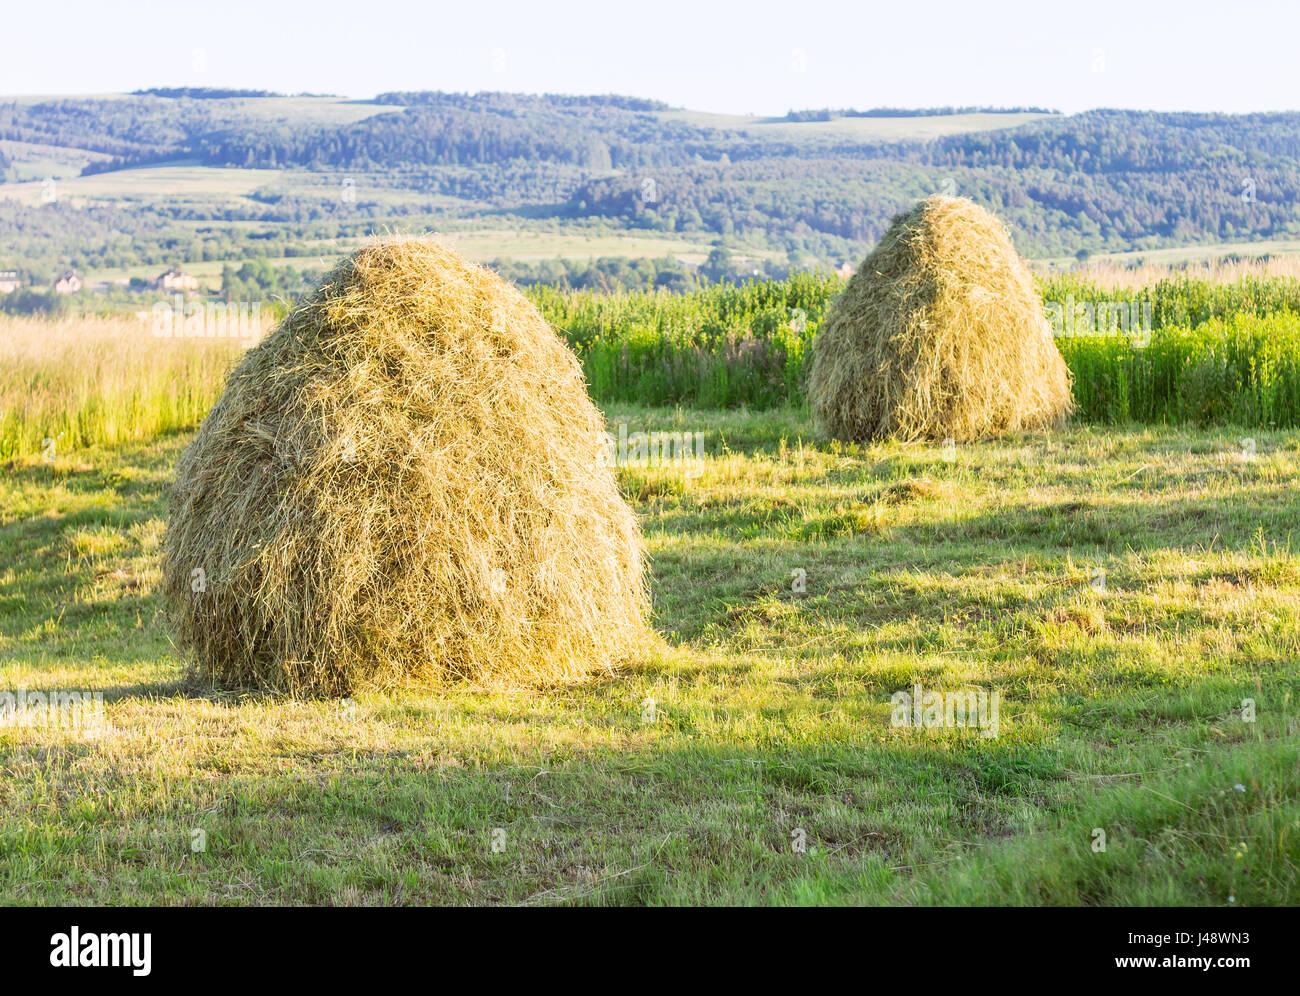 Pila Di Fieno Sul Campo Paesaggio Di Campagna Con Haycock In Estate